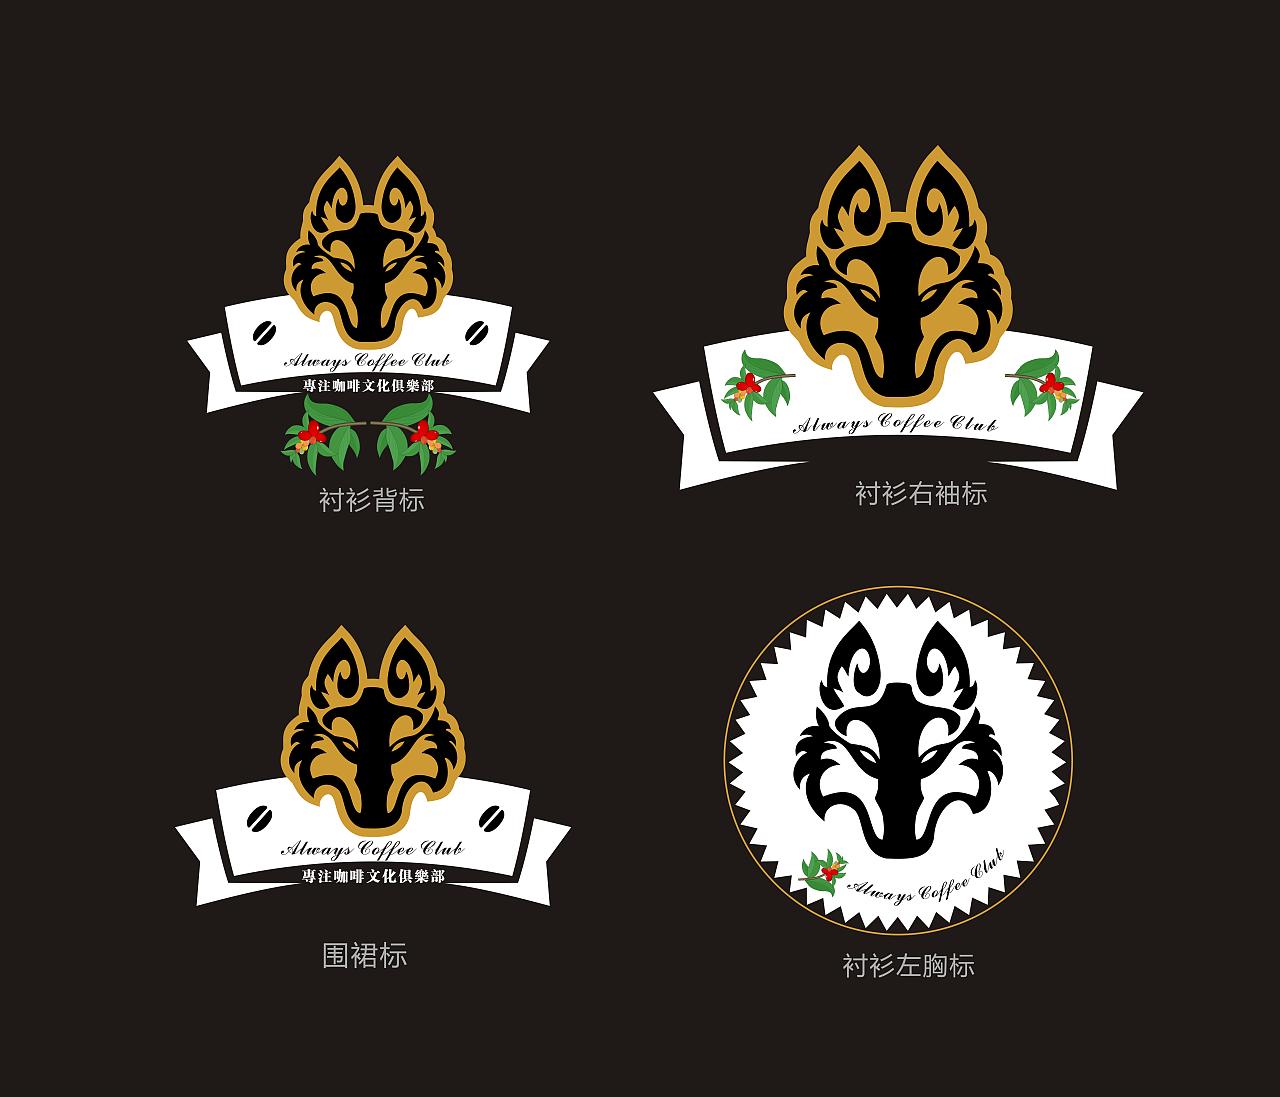 qq餐厅元旦徽章_t恤徽章设计